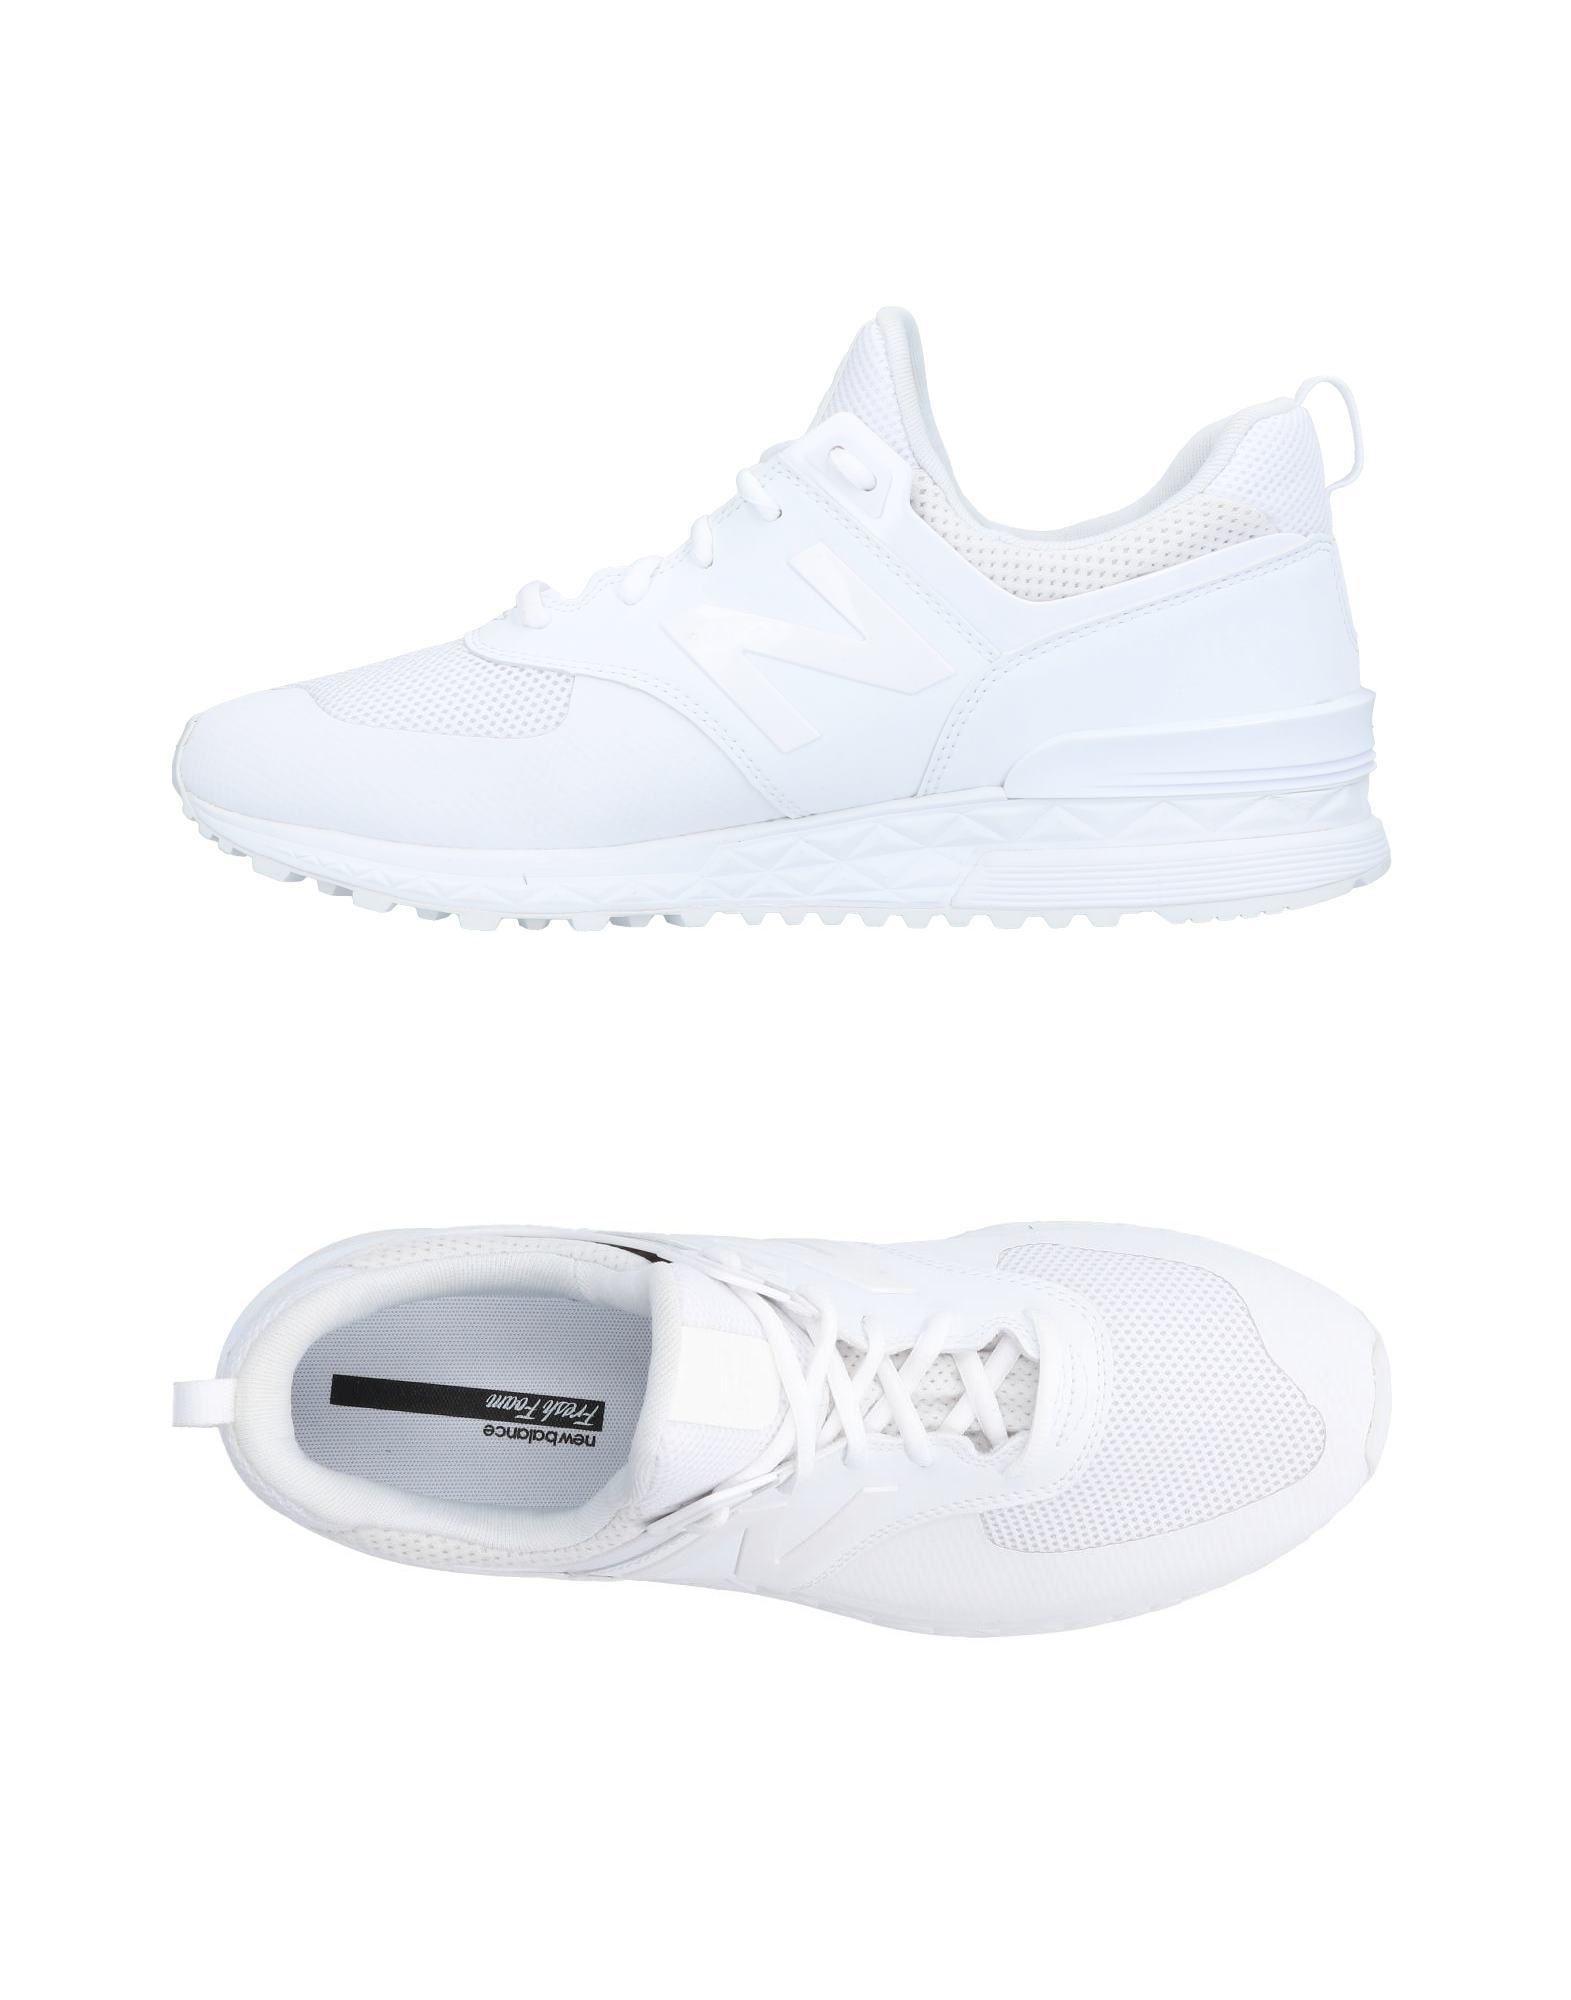 Sneakers New Balance Homme - Sneakers New Balance  Blanc Les chaussures les plus populaires pour les hommes et les femmes